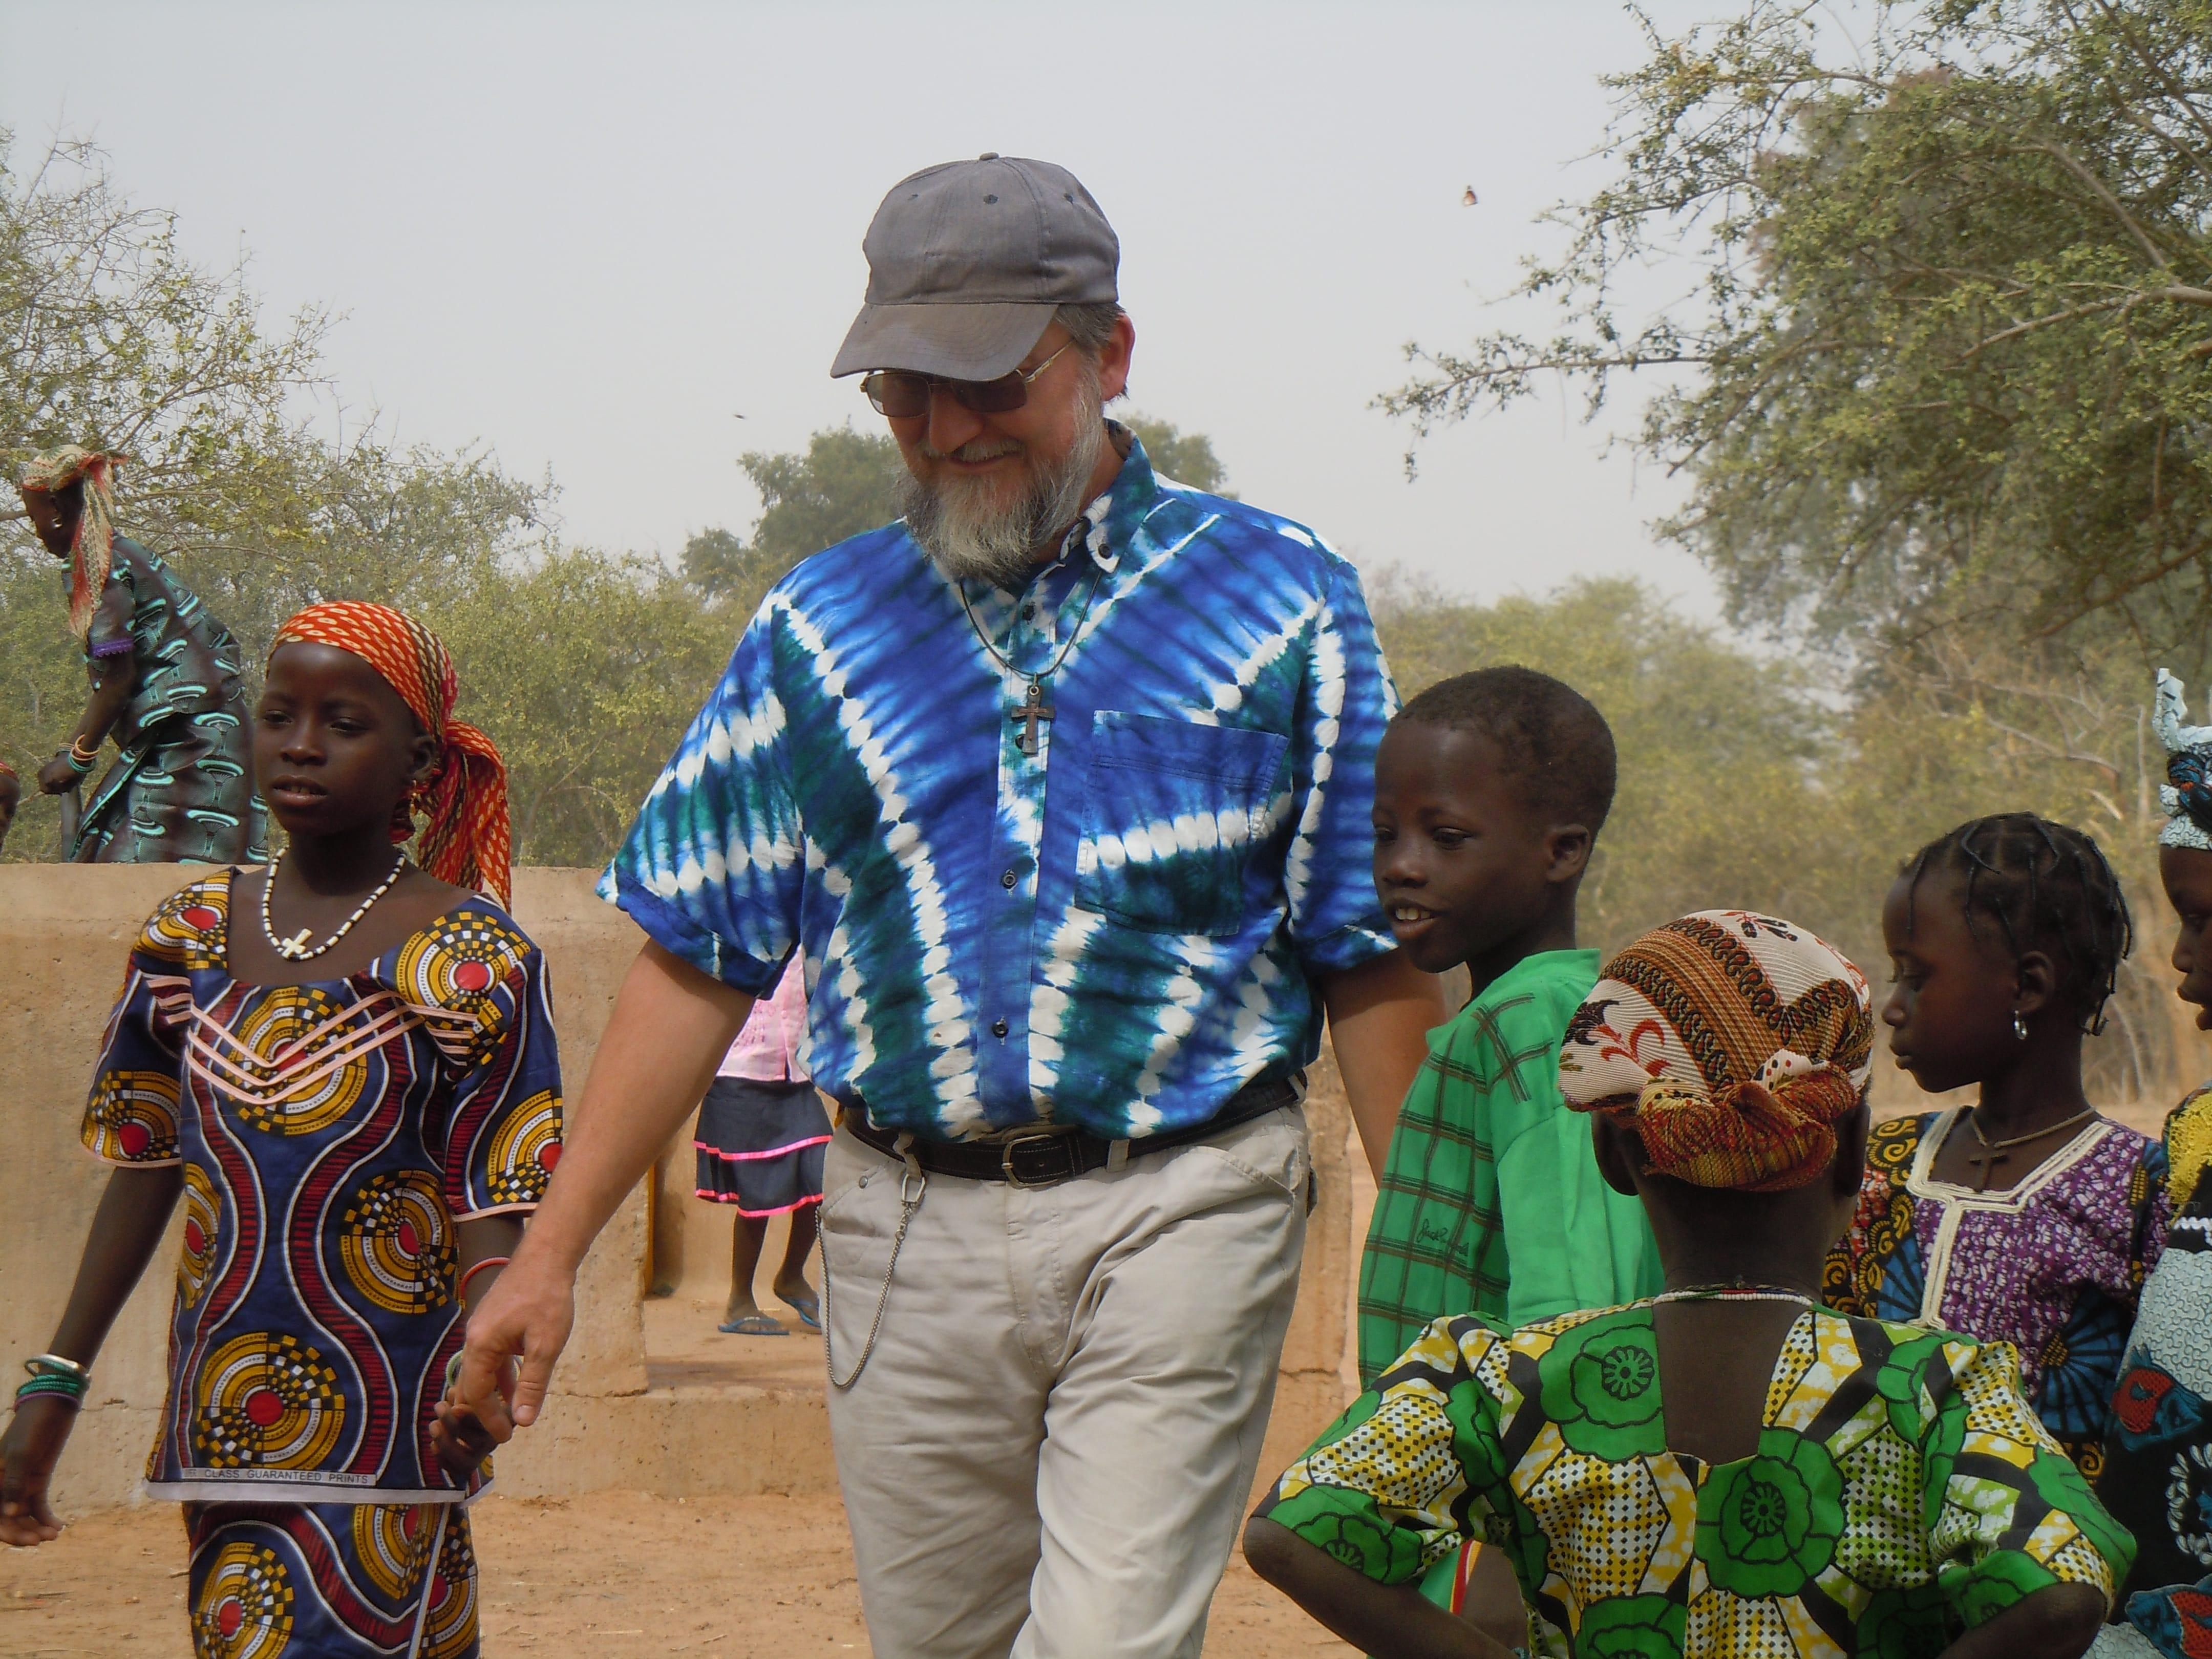 In Niger alcuni jihadisti rapiscono un sacerdote italiano: padre Maccalli